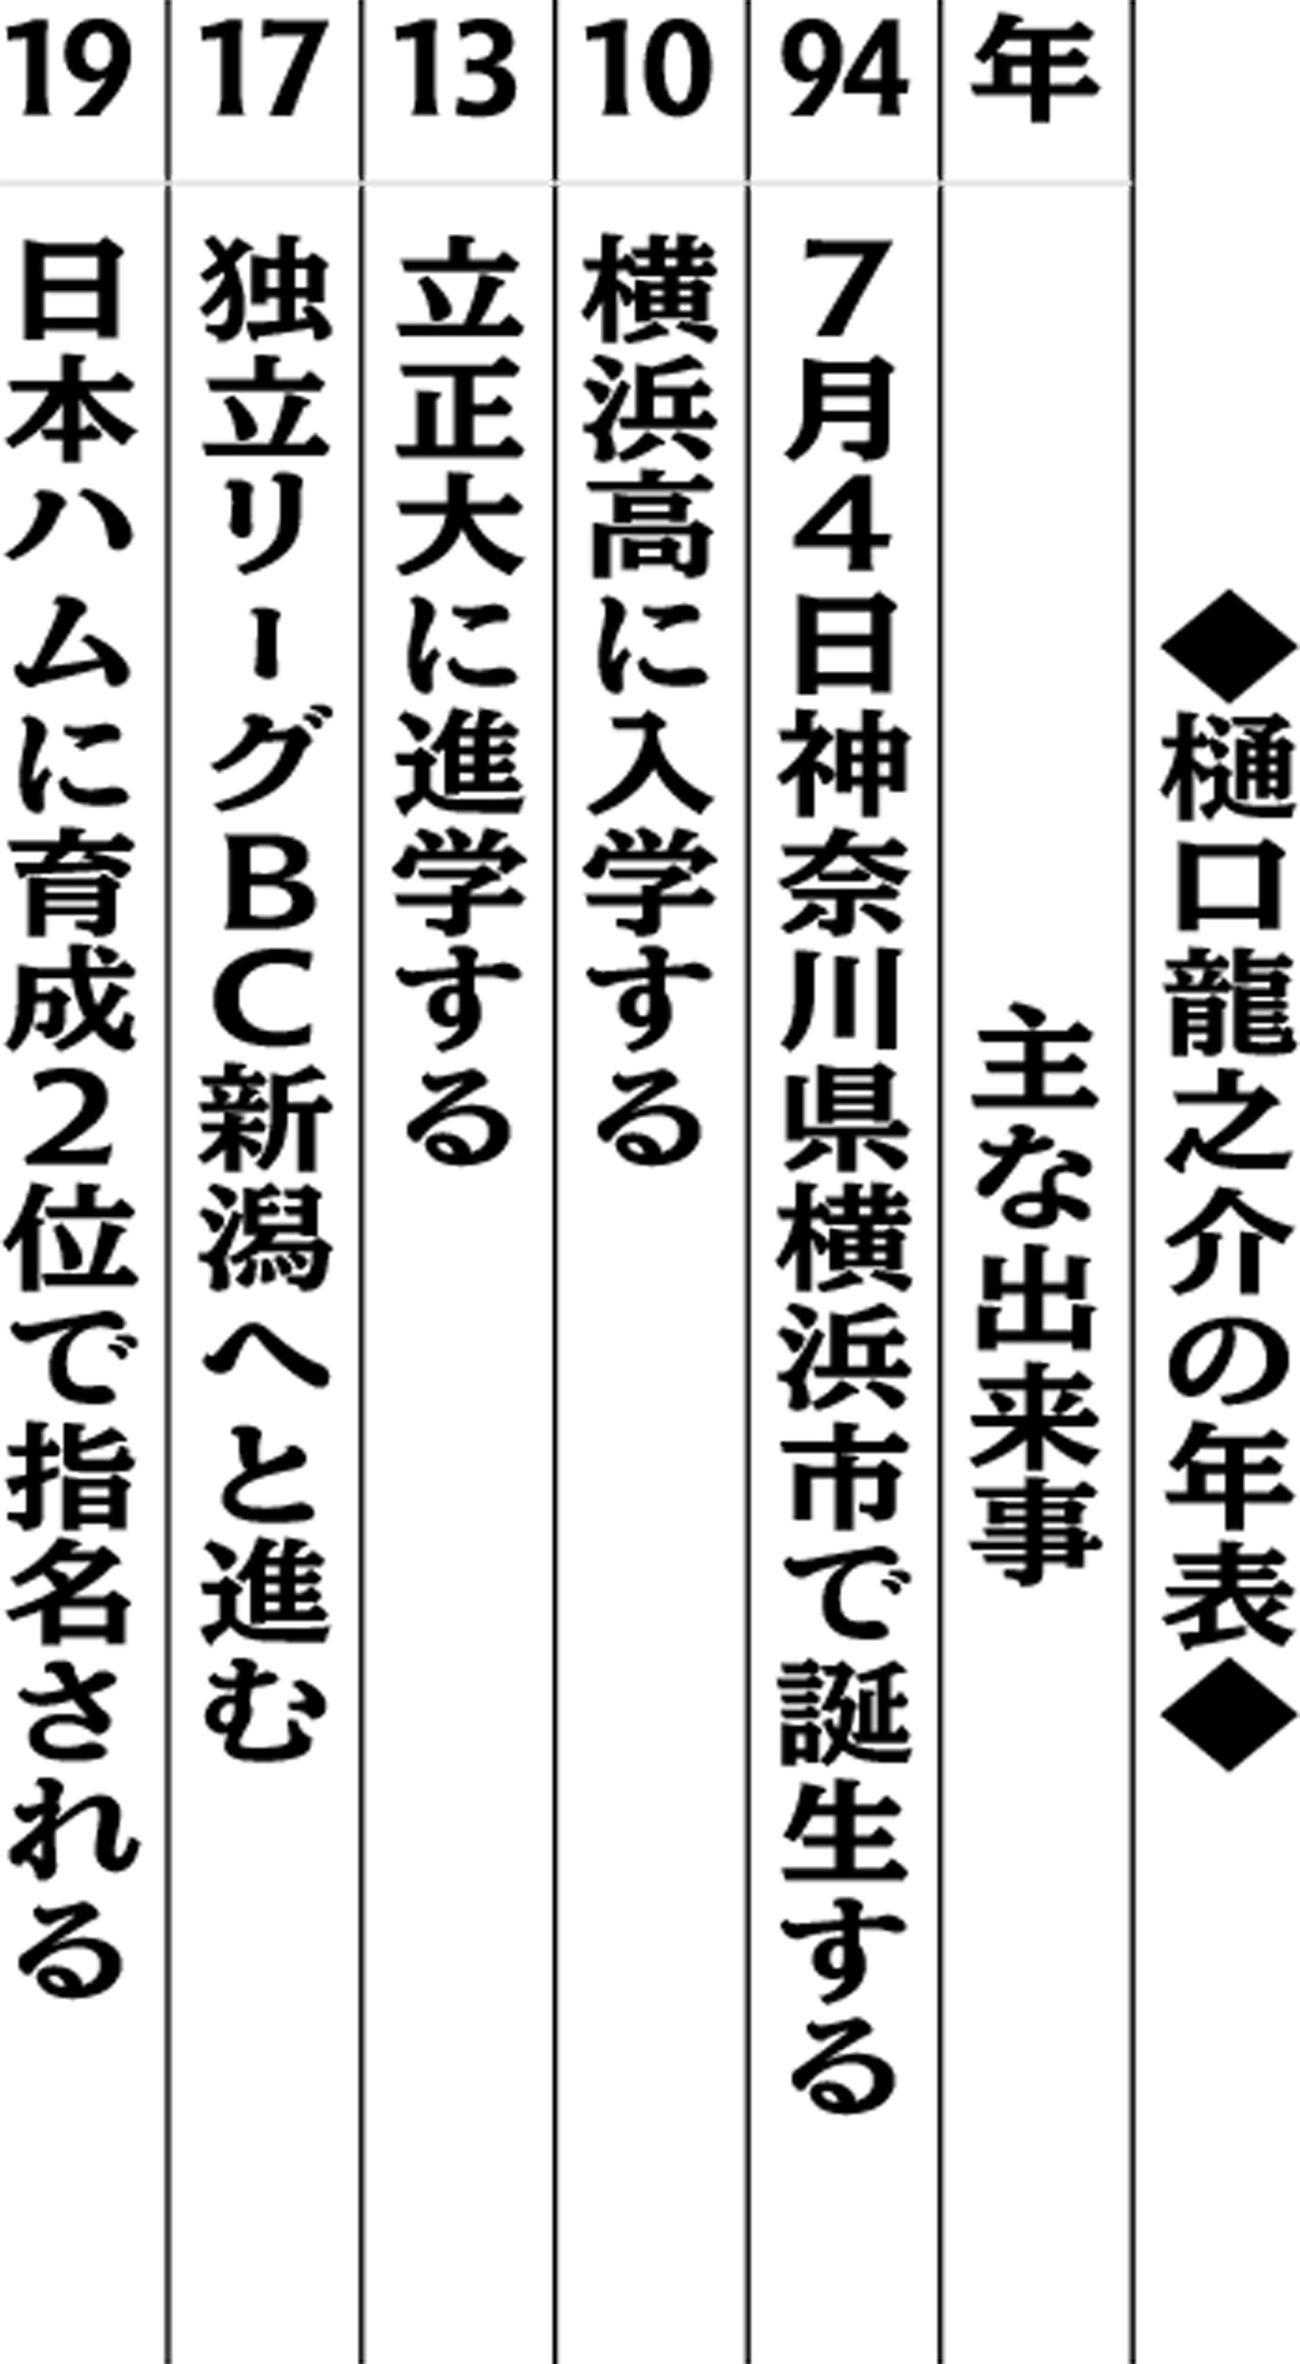 樋口龍之介の年表